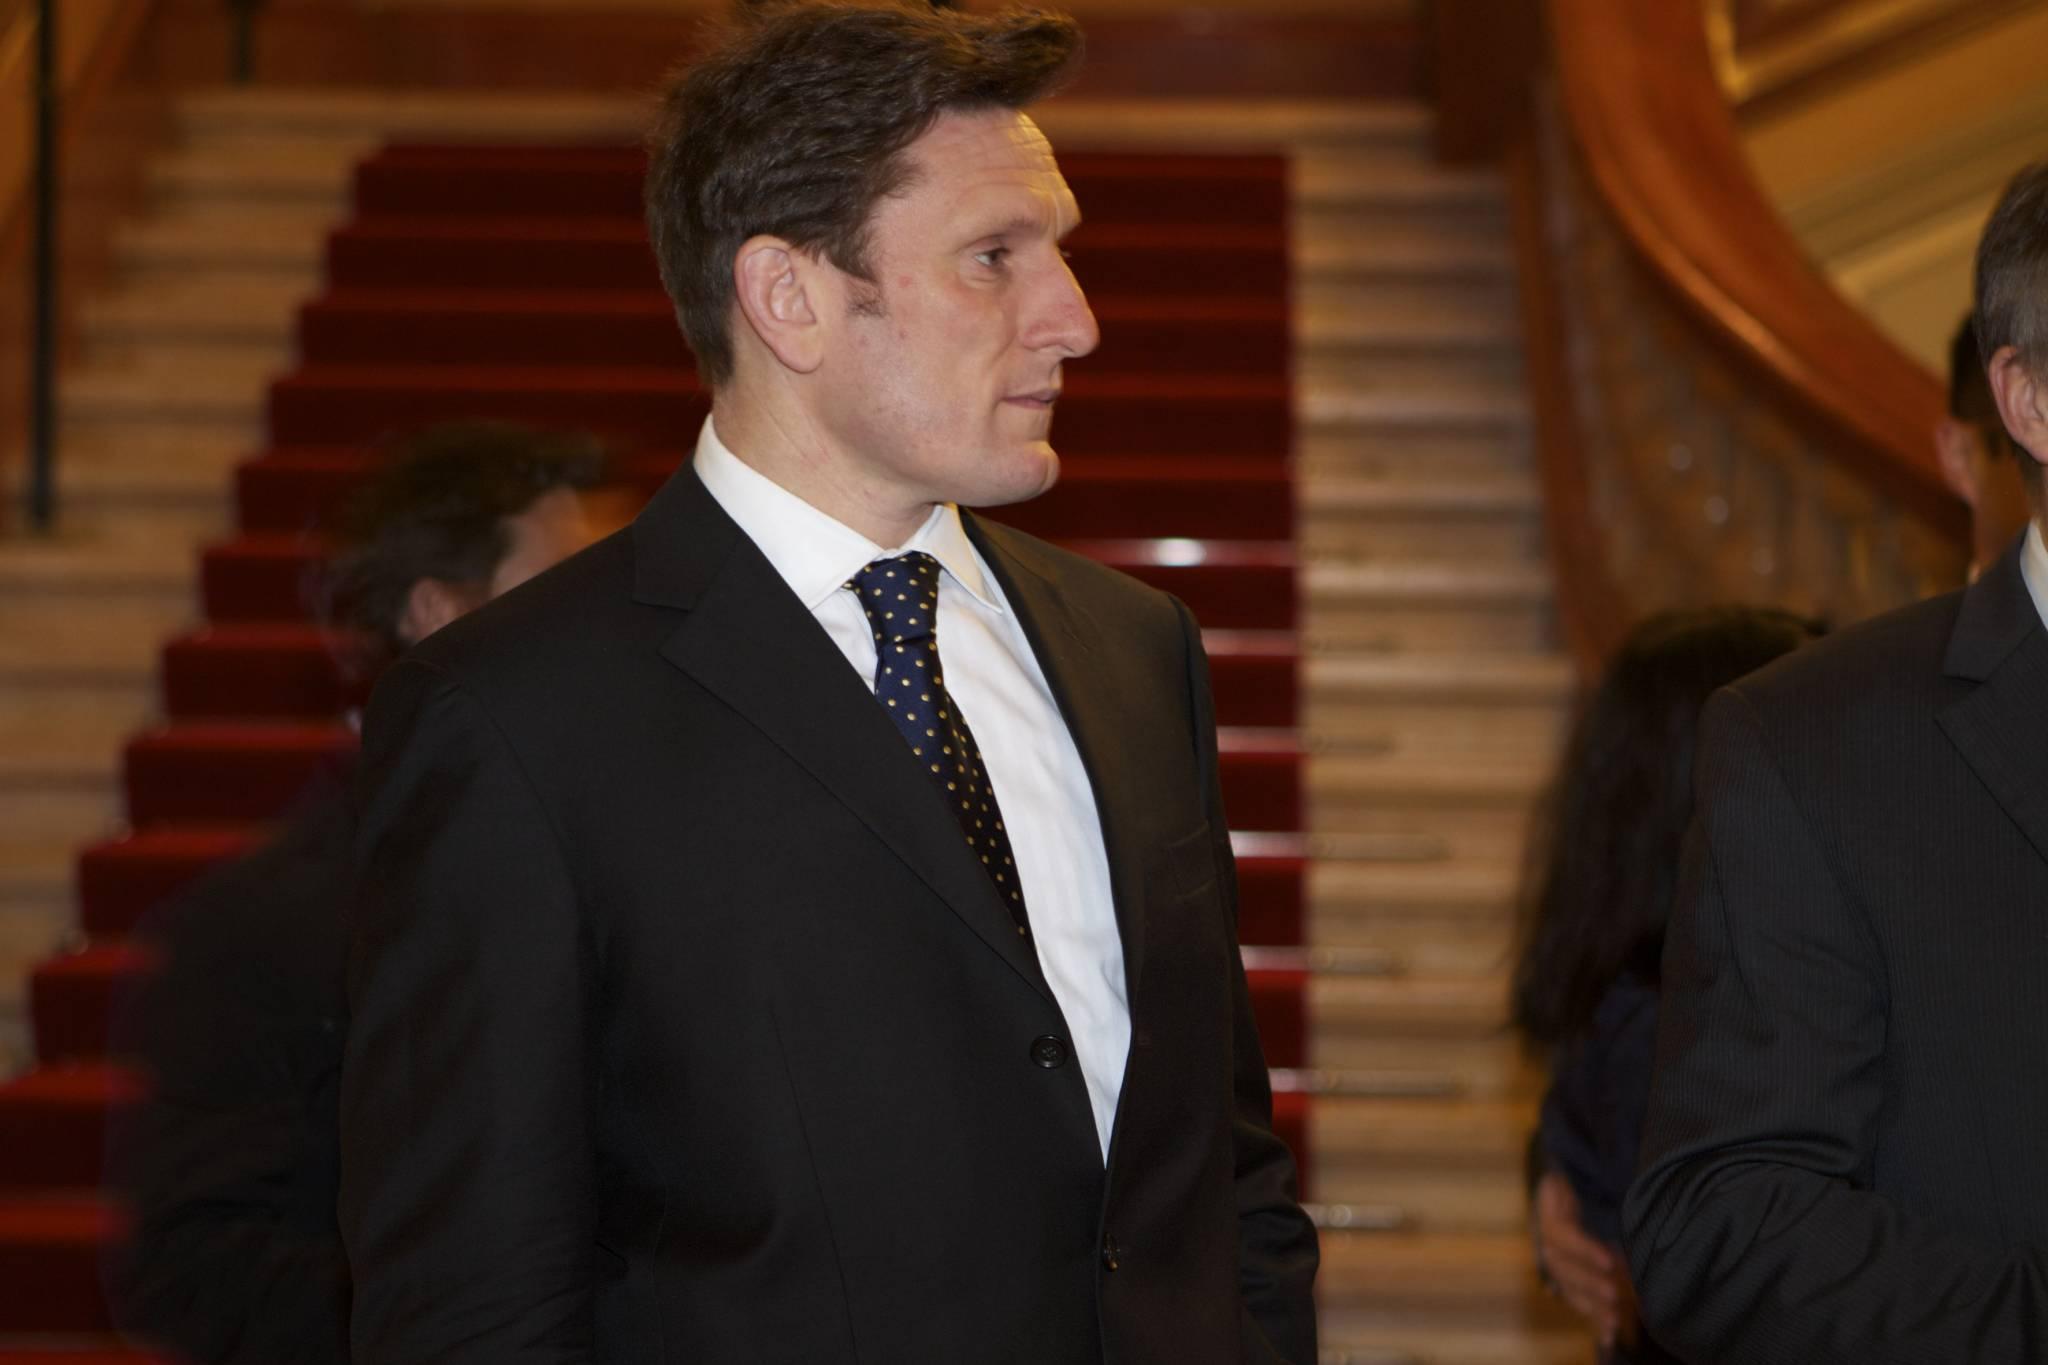 Stephen Forsey, co-fondateur de Greubel-Forsey, marque lauréate du Grand Prix de l'Aiguille d'Or 2010